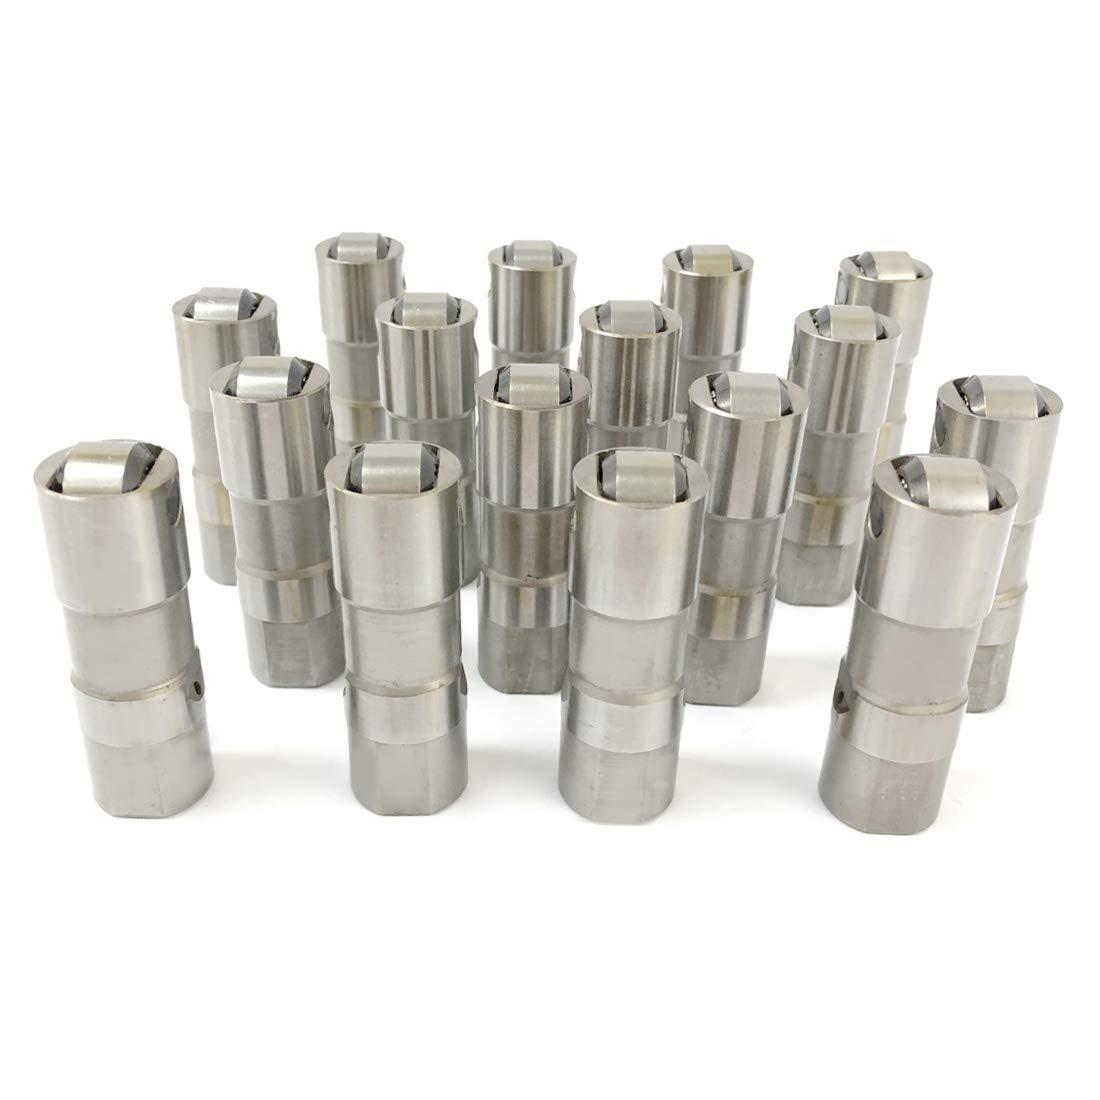 SBC #25349994 Set of 16 New OEM DELPHI 5.7L 5.0L 350 Vortec Hydraulic Roller Lifters